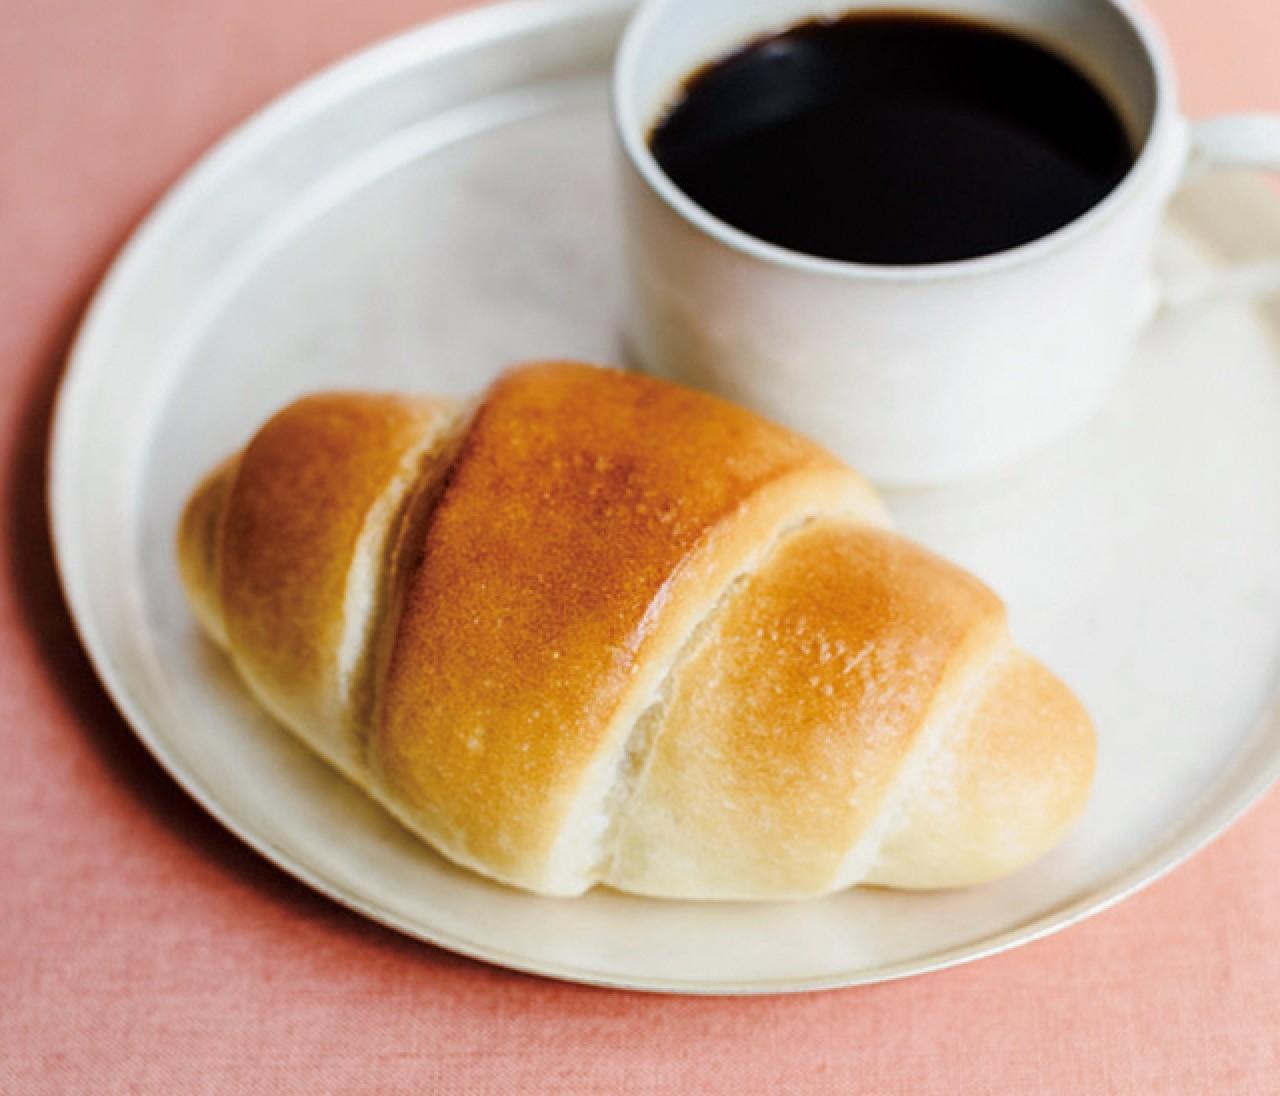 食べれば仕事効率も気分もUP!【働く女子のお手軽&おいしい朝ごはん】